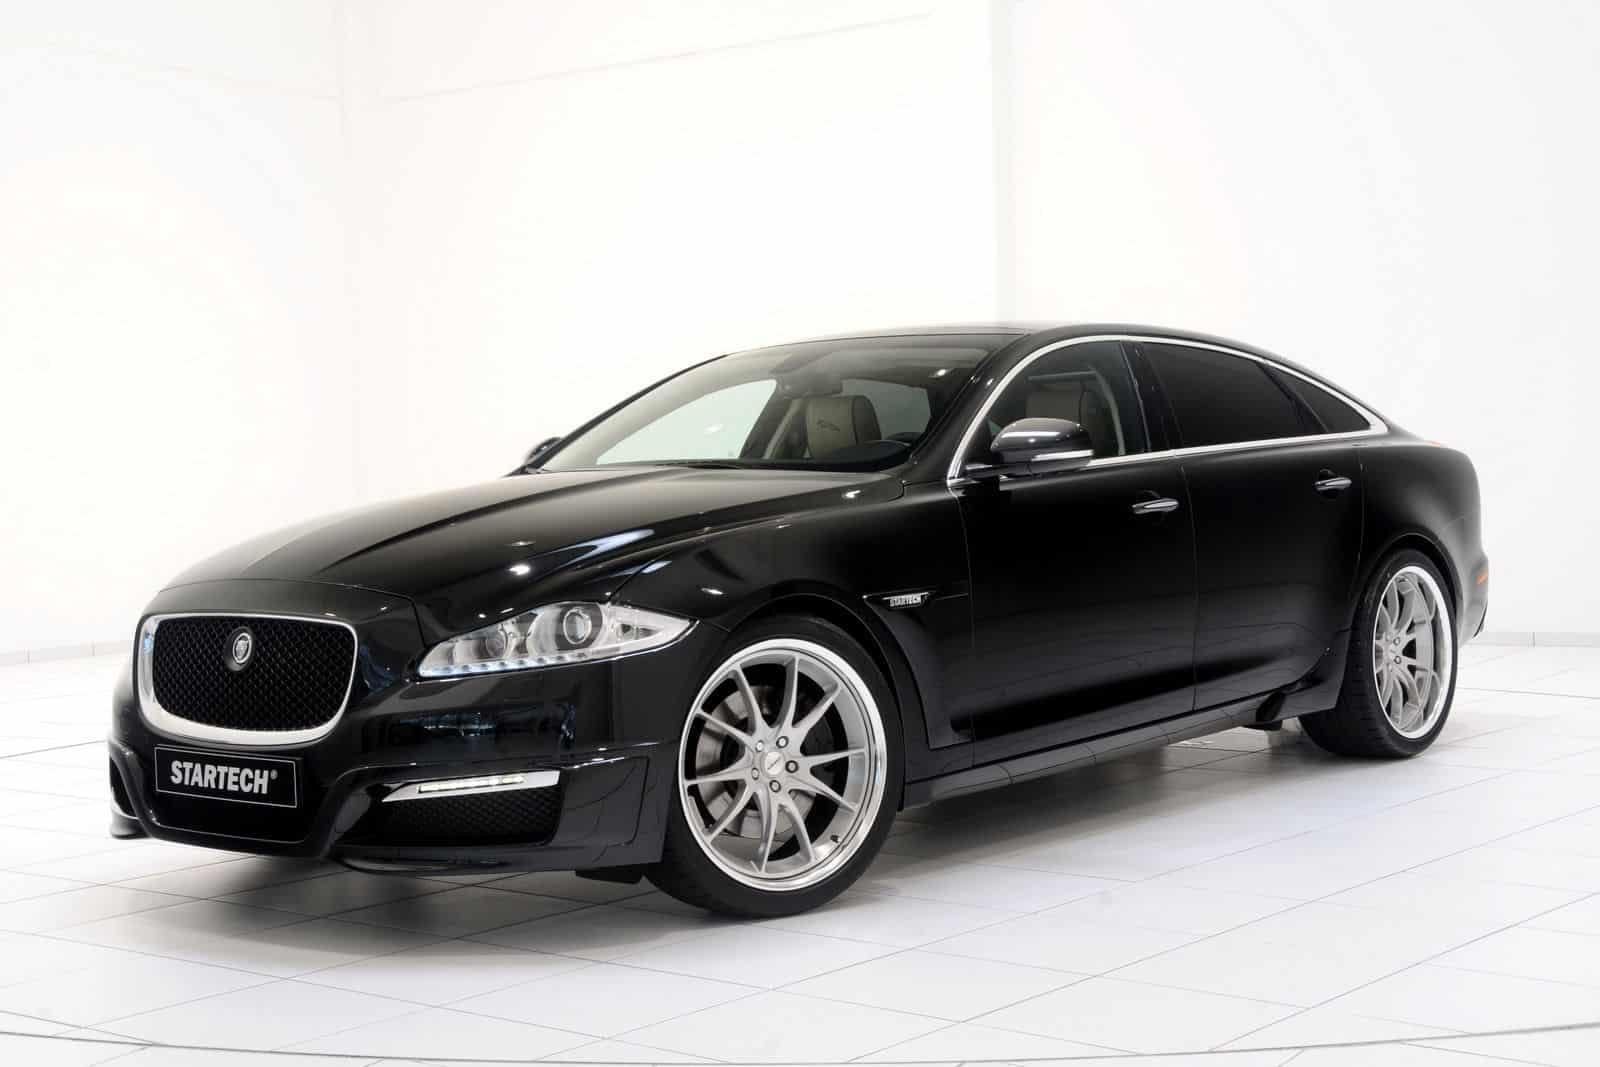 Startech Tuned Jaguar XJL